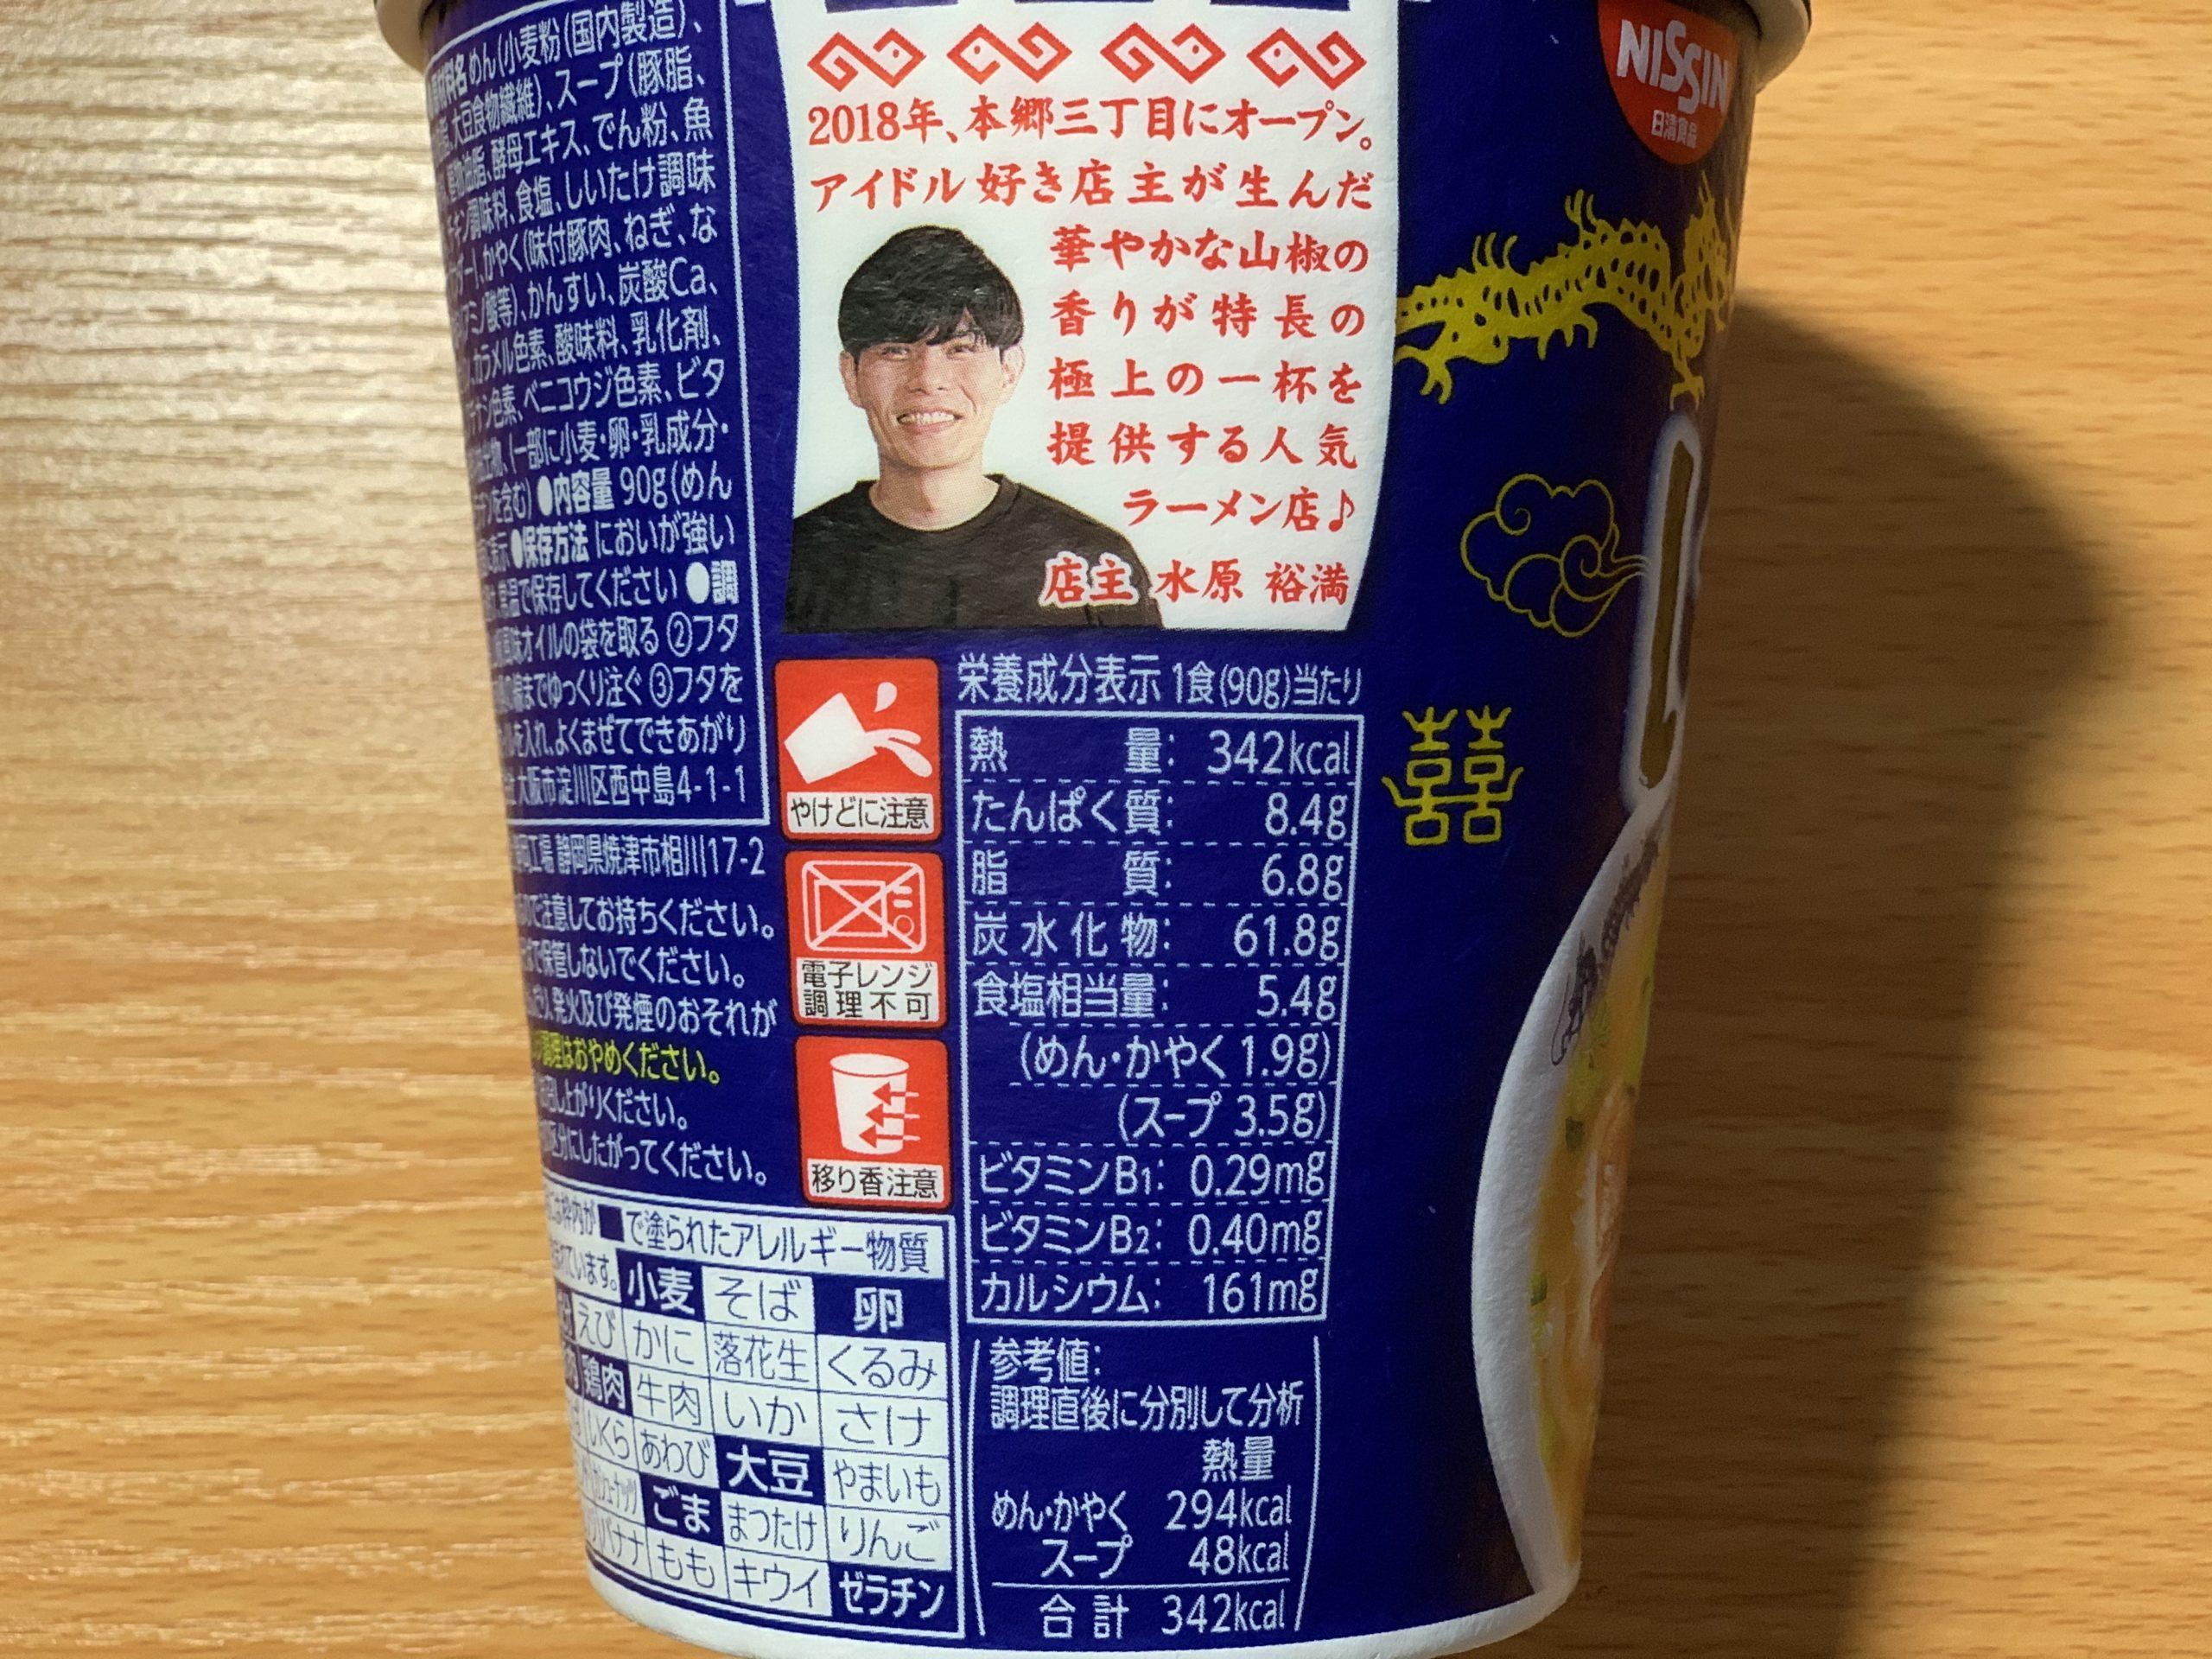 にし乃カップ麺の栄養成分